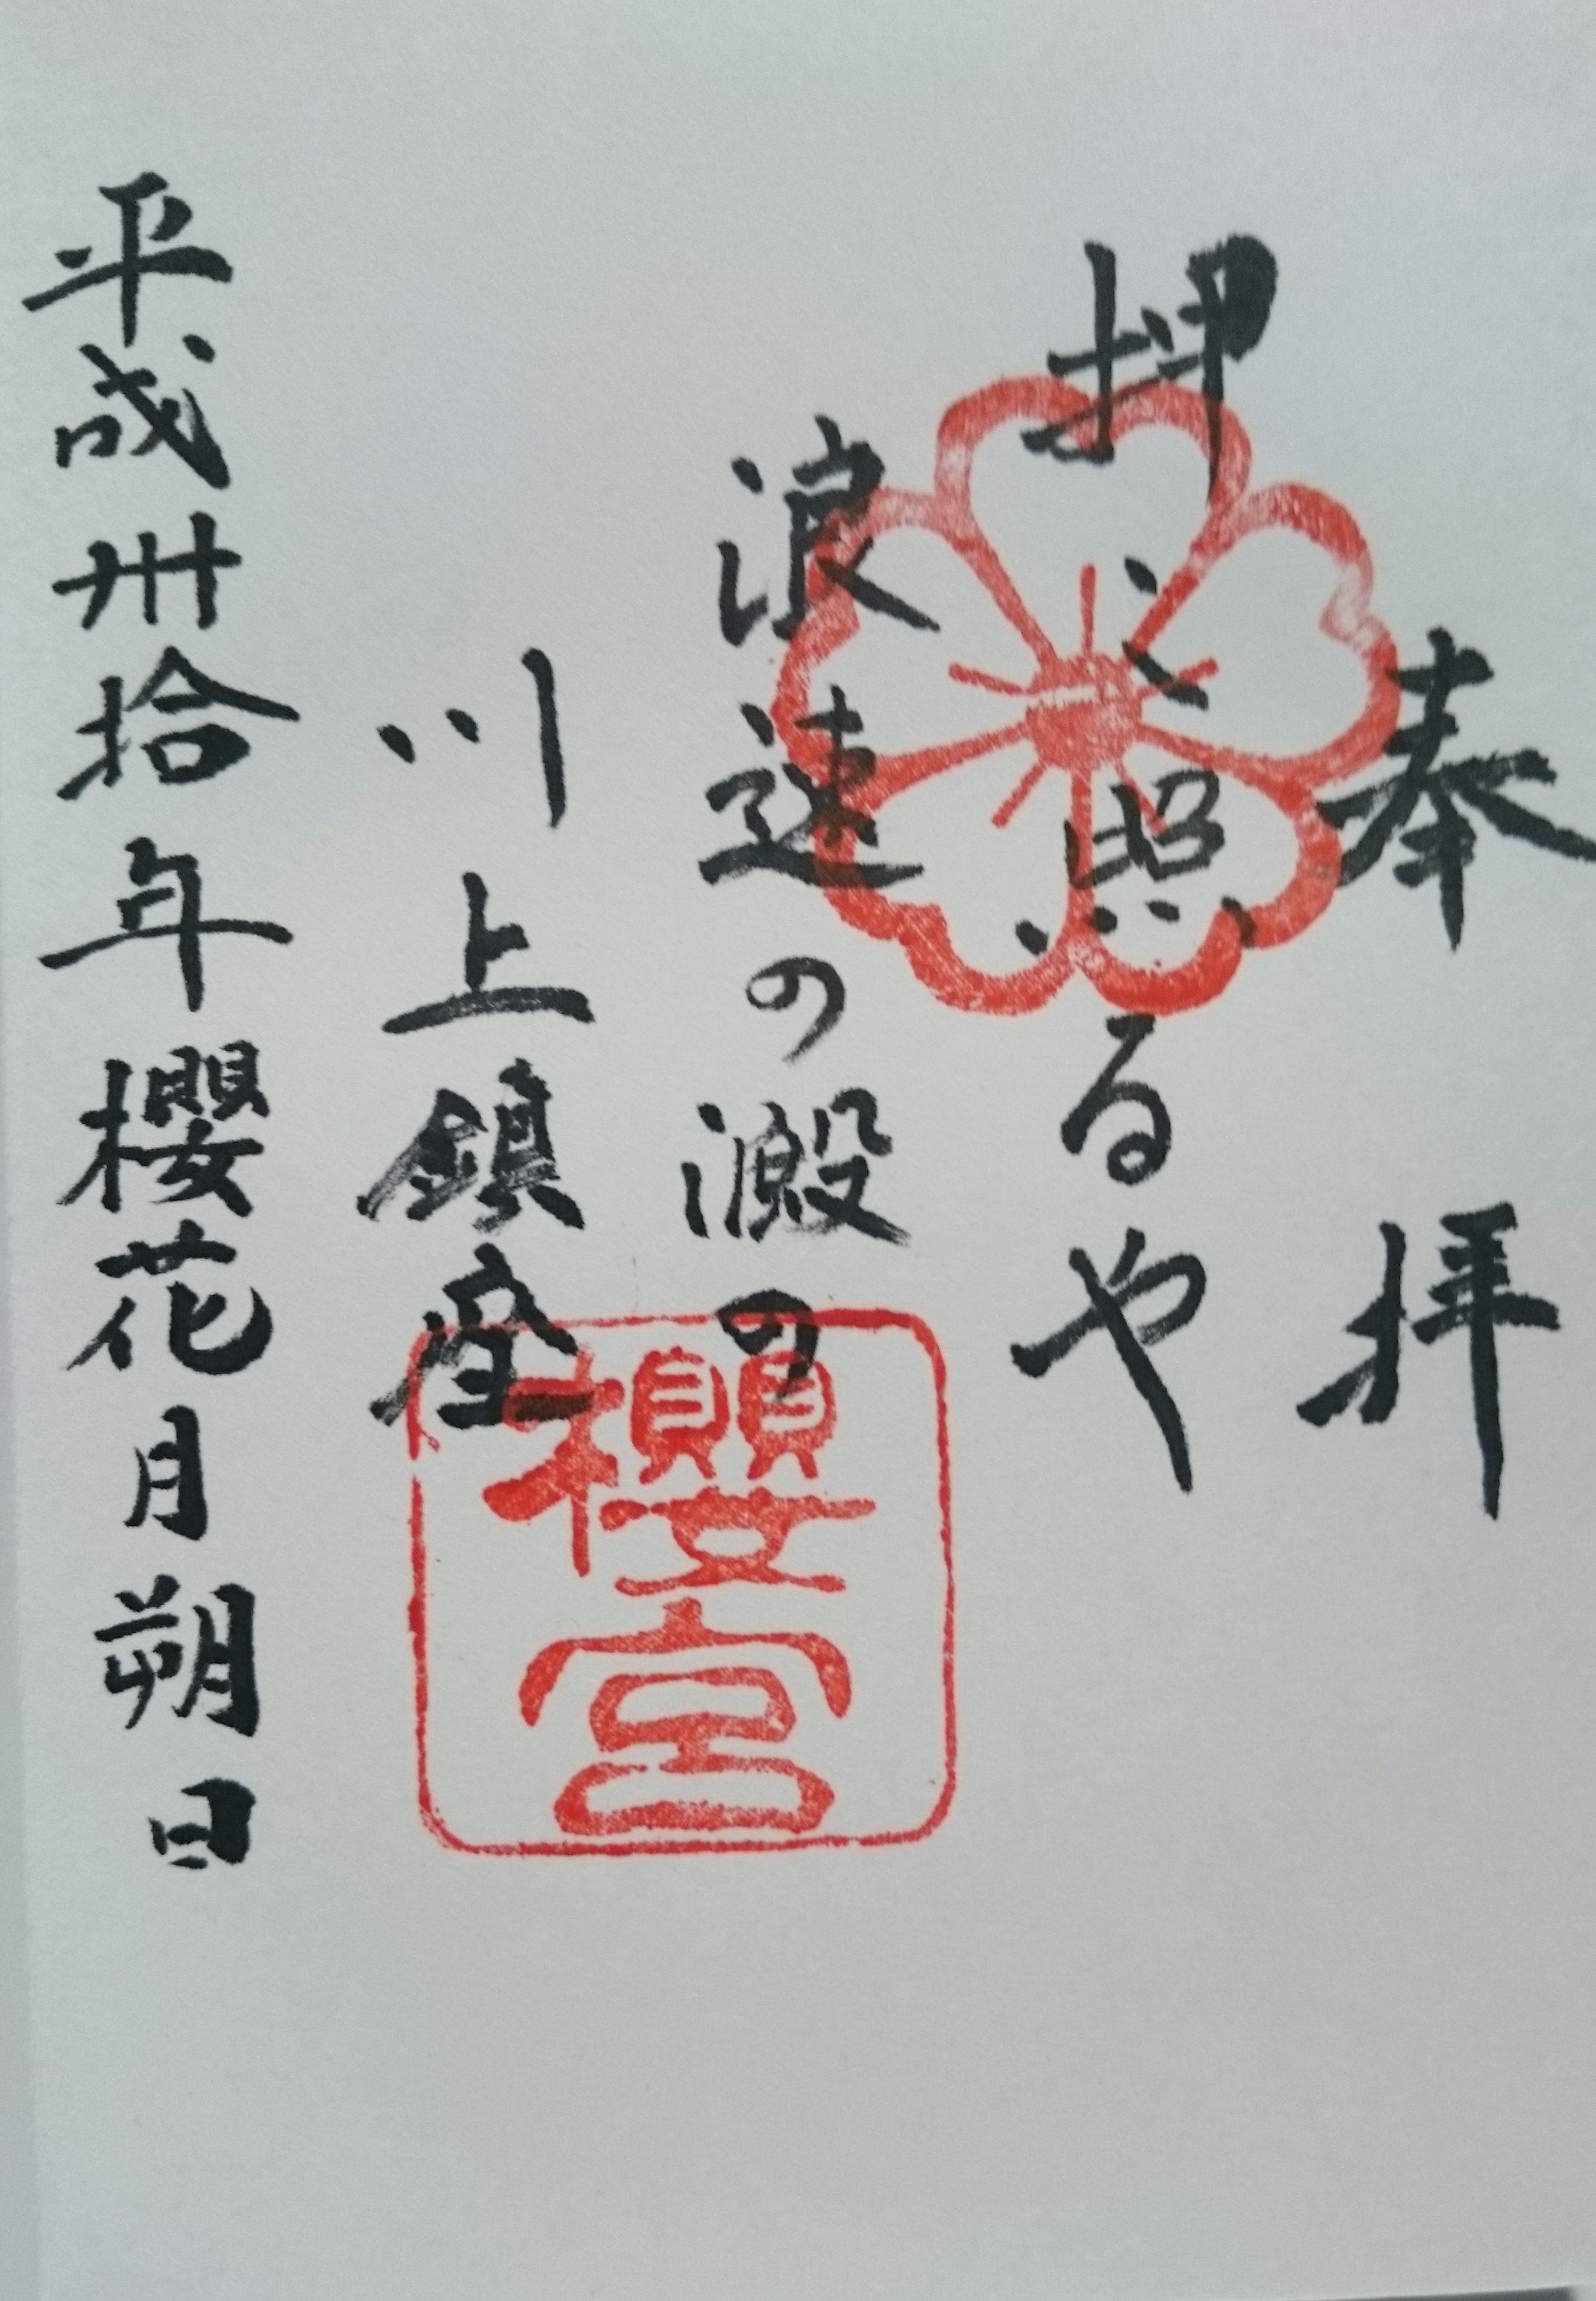 【大阪 櫻宮(桜宮神社)】和歌が書かれたおしゃれな御朱印 桜の季節の参拝がおすすめの神社